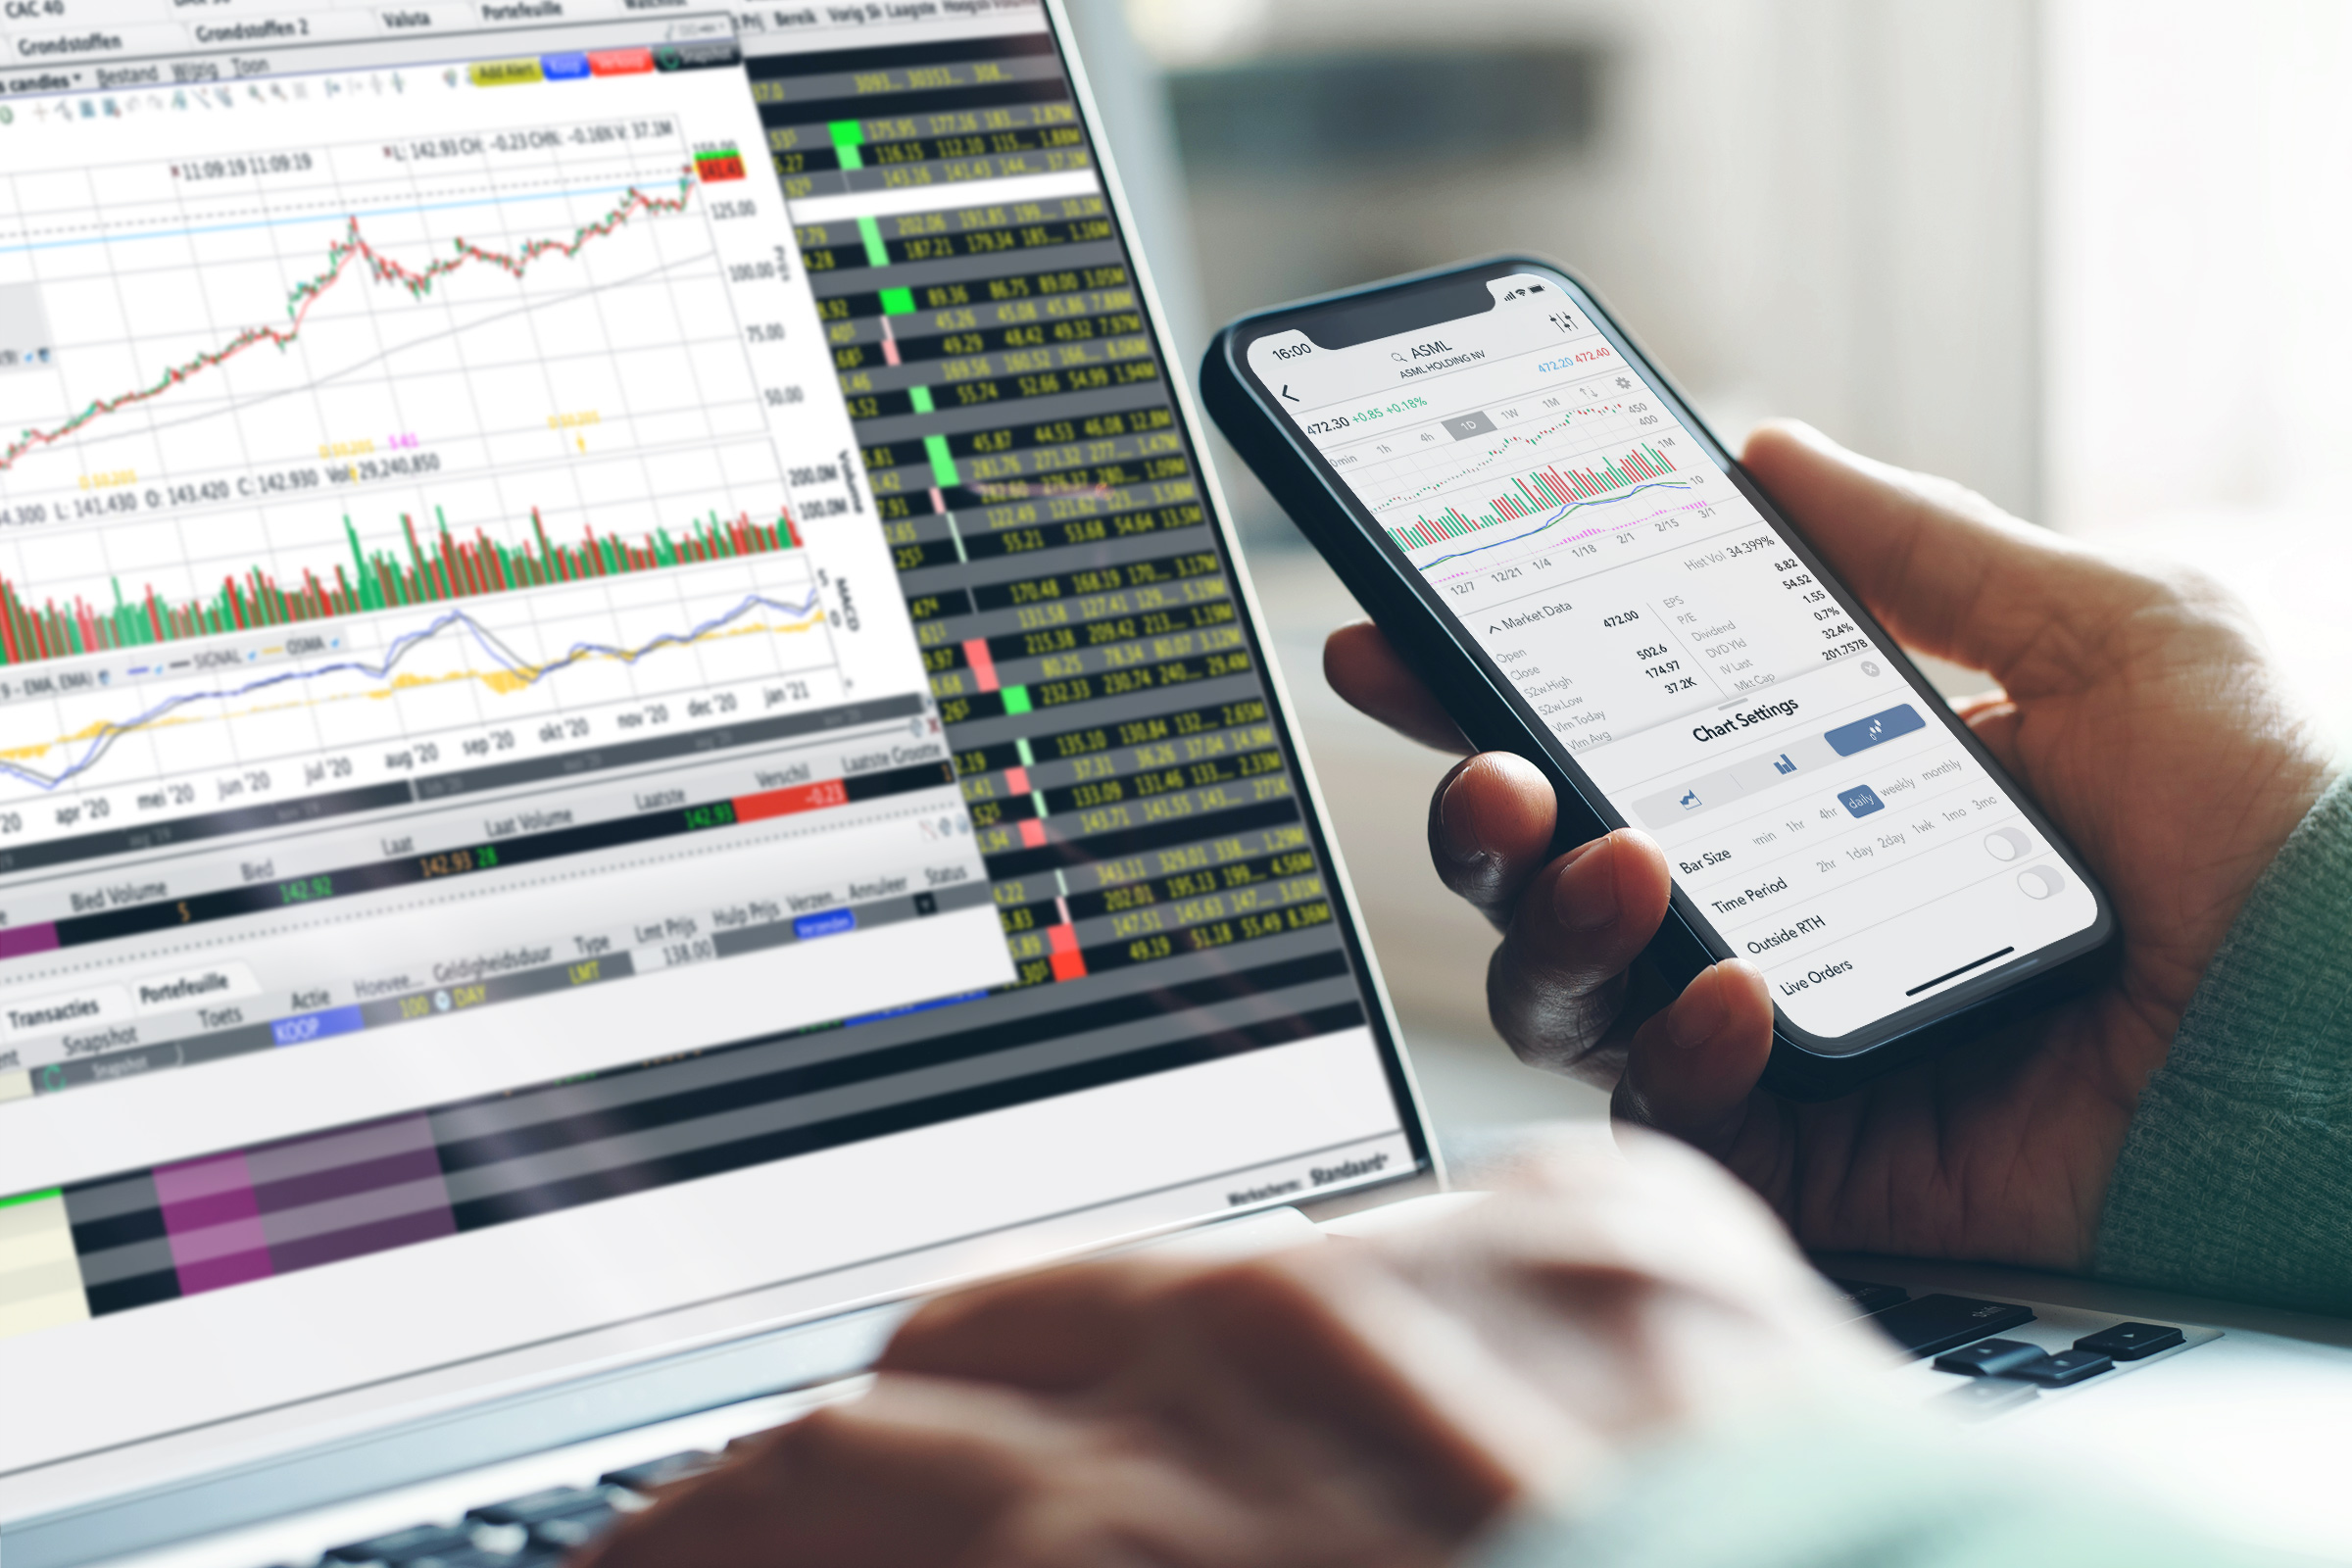 Aandelen handelen: De broker met het meest stabiele en innovatieve platform